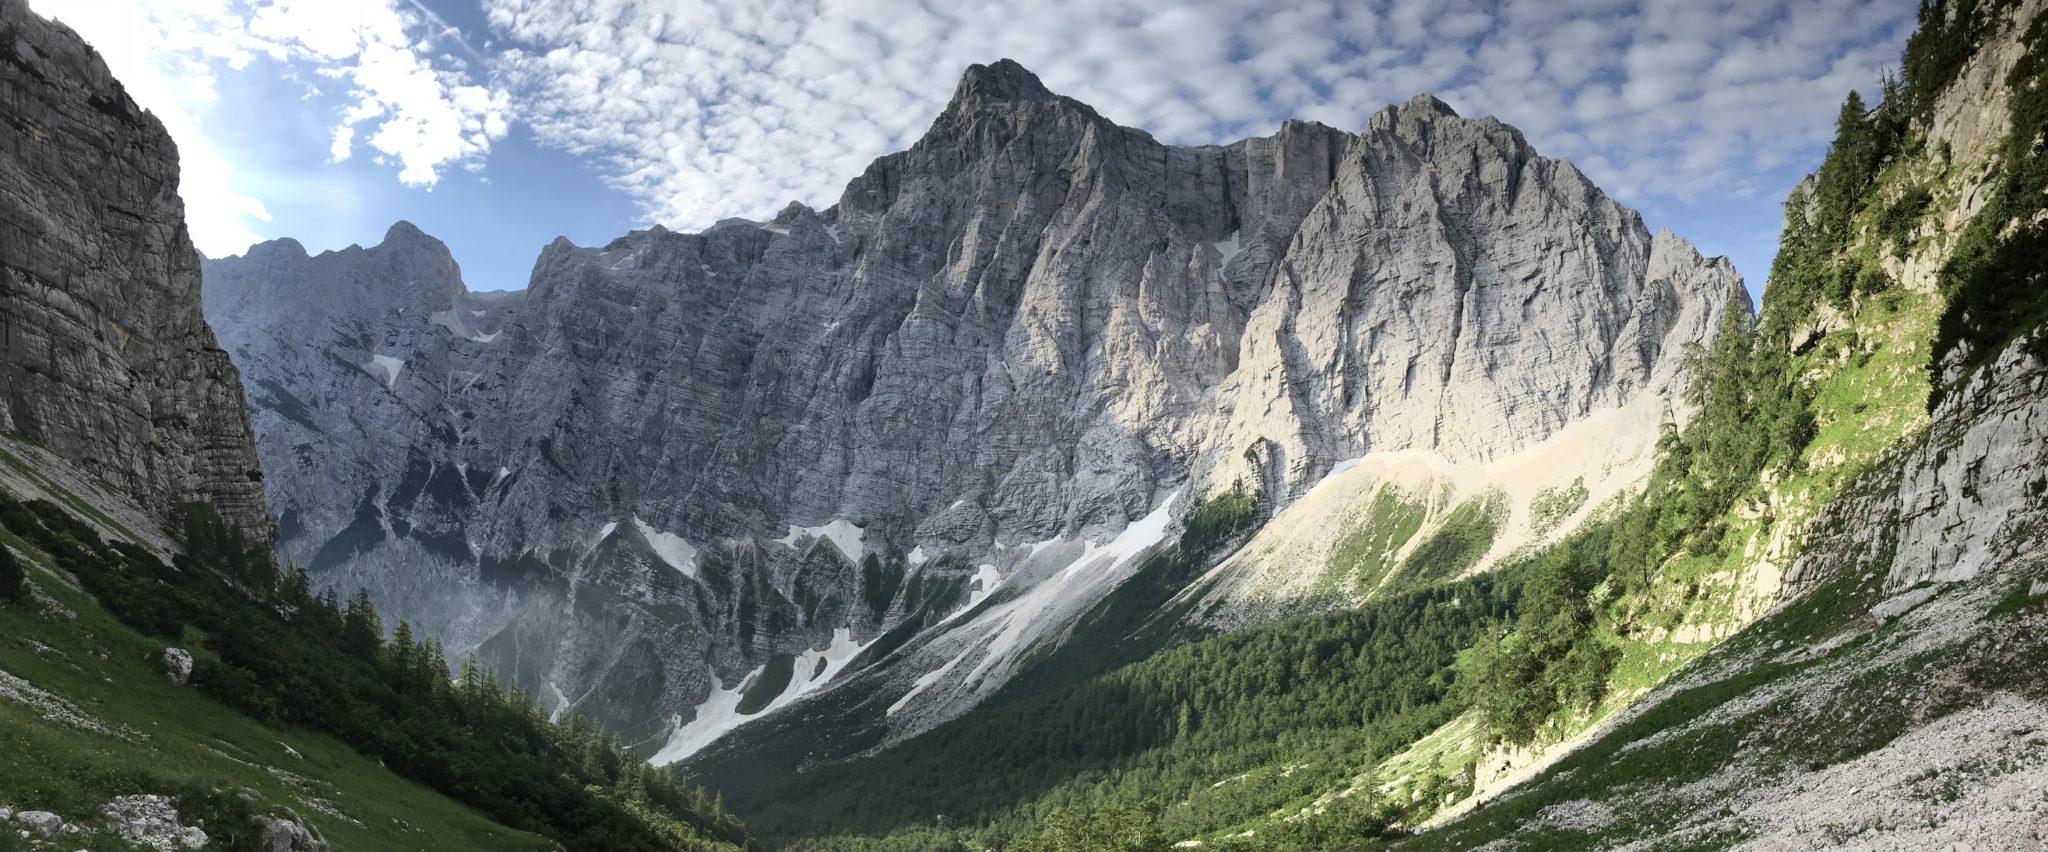 Triglav North Face, Julian Alps, Slovenia